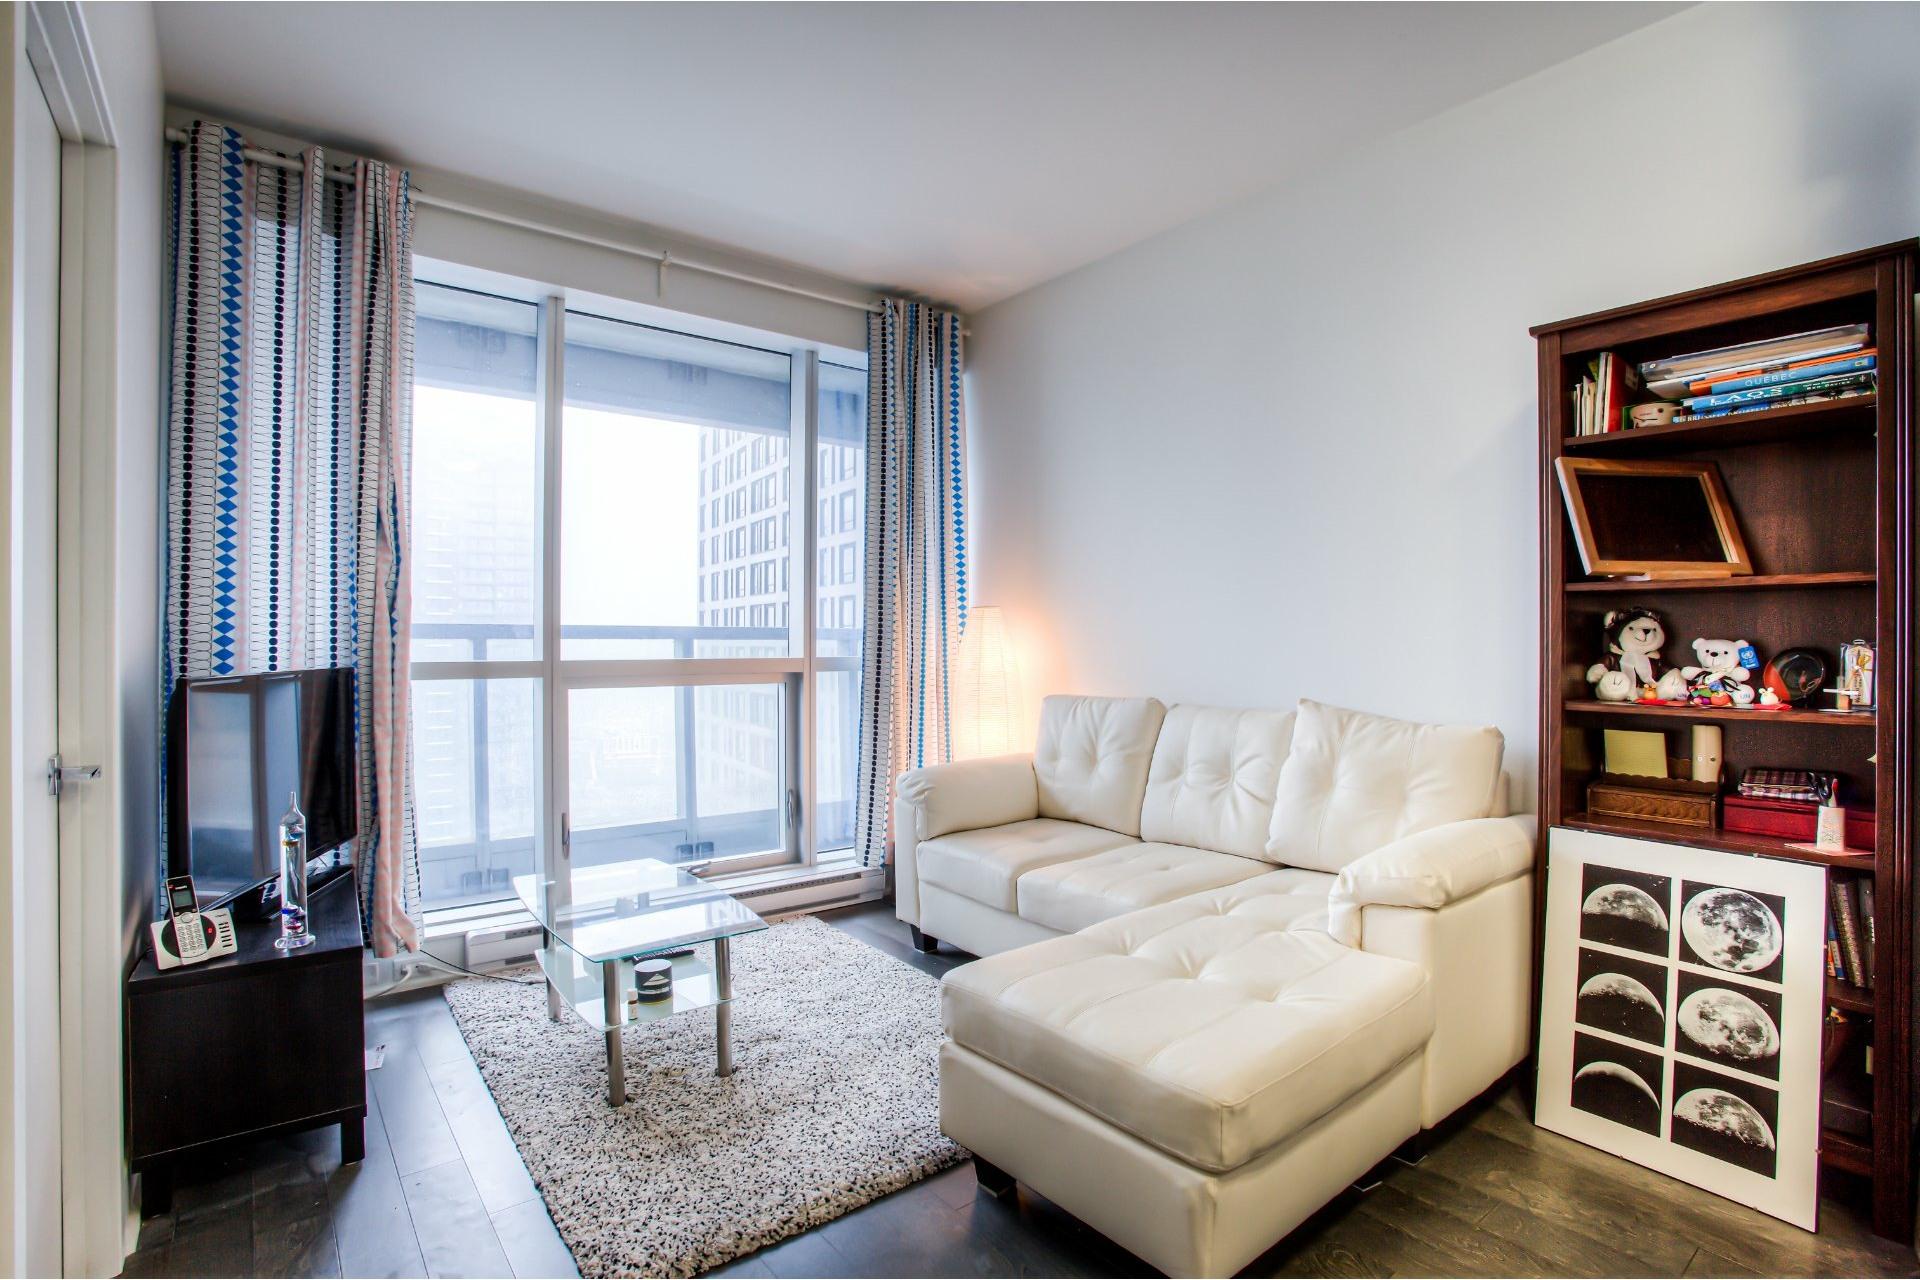 image 7 - Appartement À louer Ville-Marie Montréal  - 5 pièces